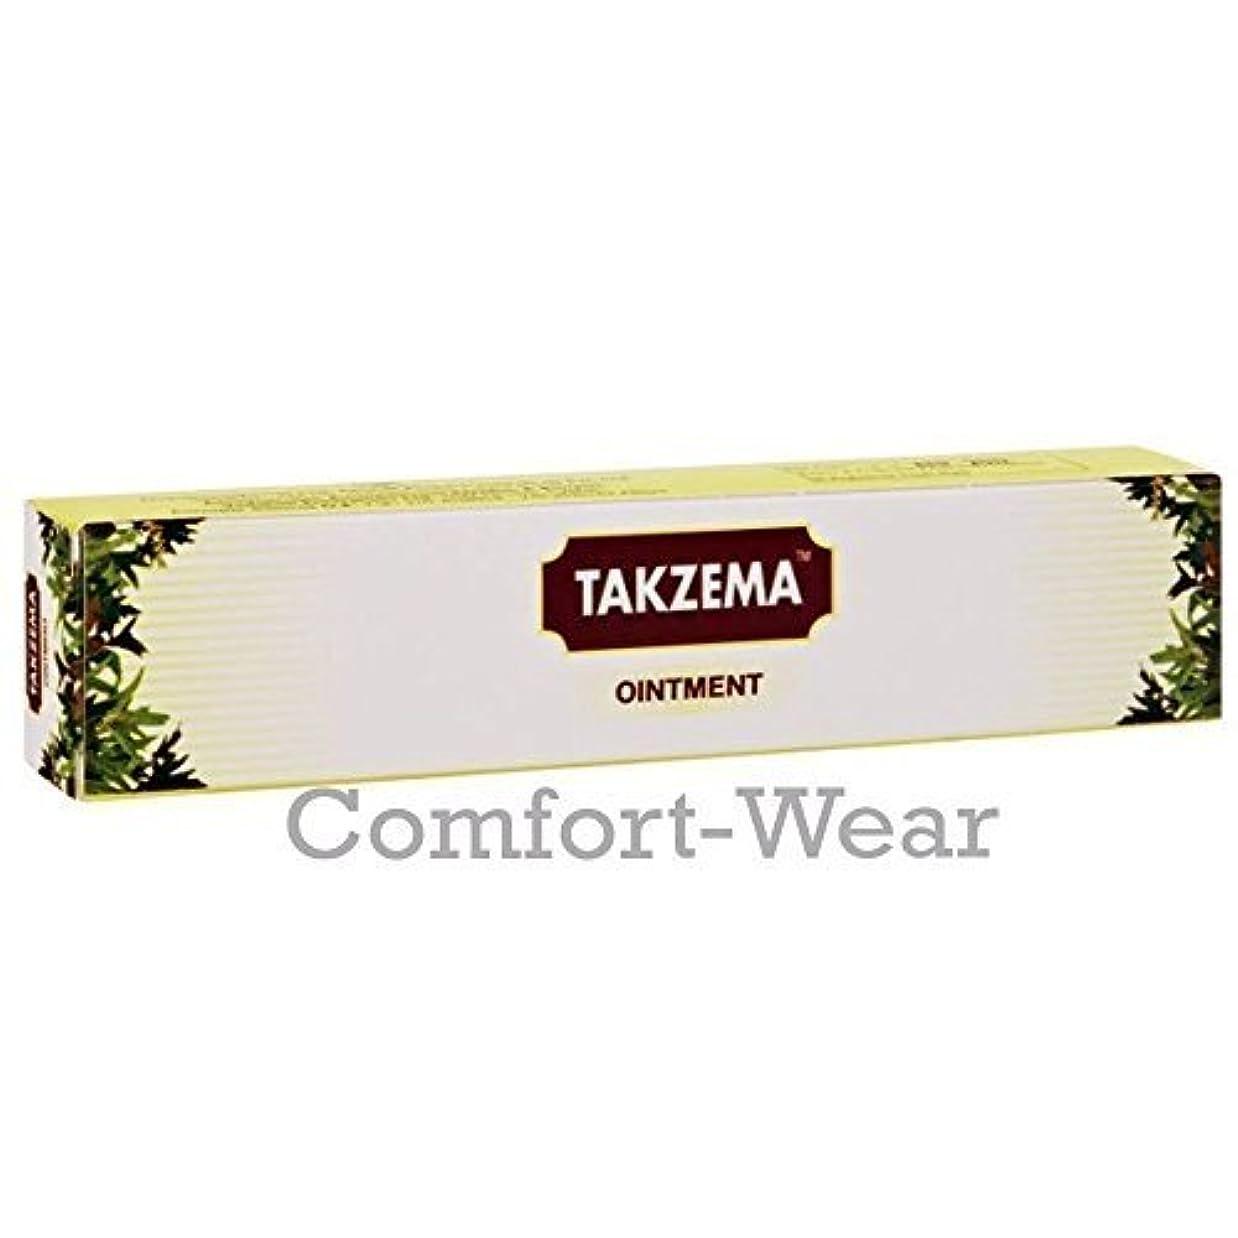 ポルトガル語フルーツ野菜ホステスCharak Takzema Ointment for Eczema Allergic Dermititis by Dpnamron